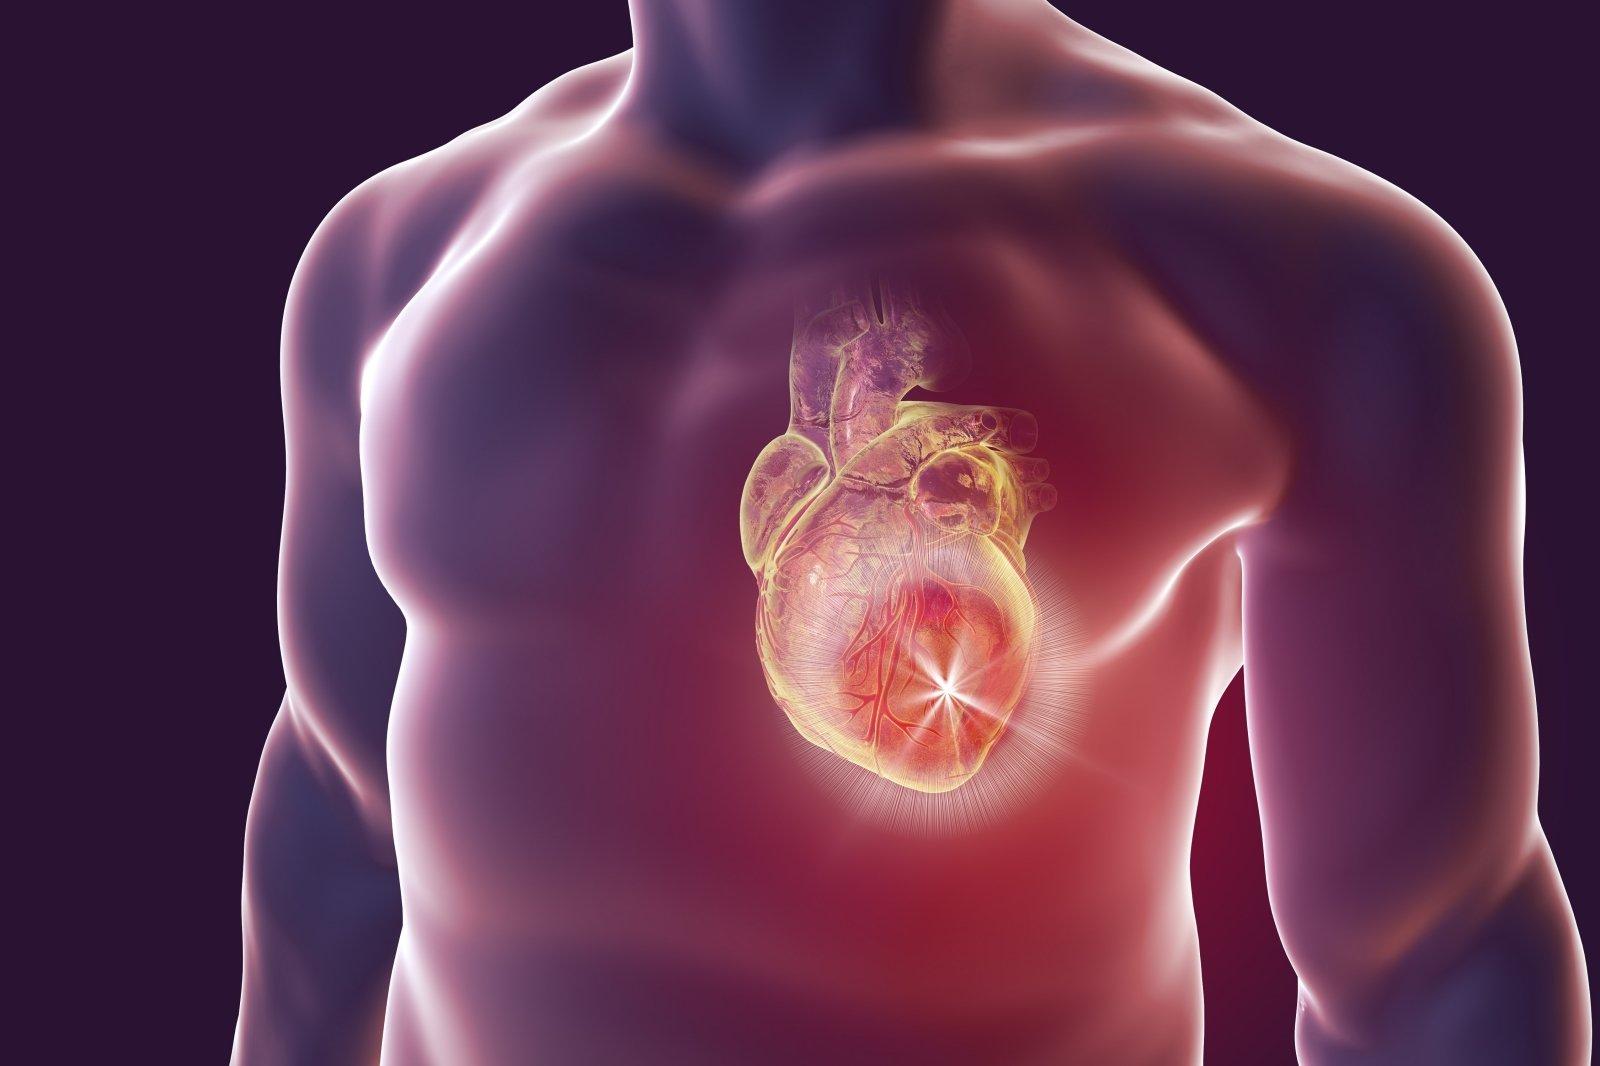 hipertenzijos būdai, kaip kovoti su ja video mankšta širdies sveikatos diagramai